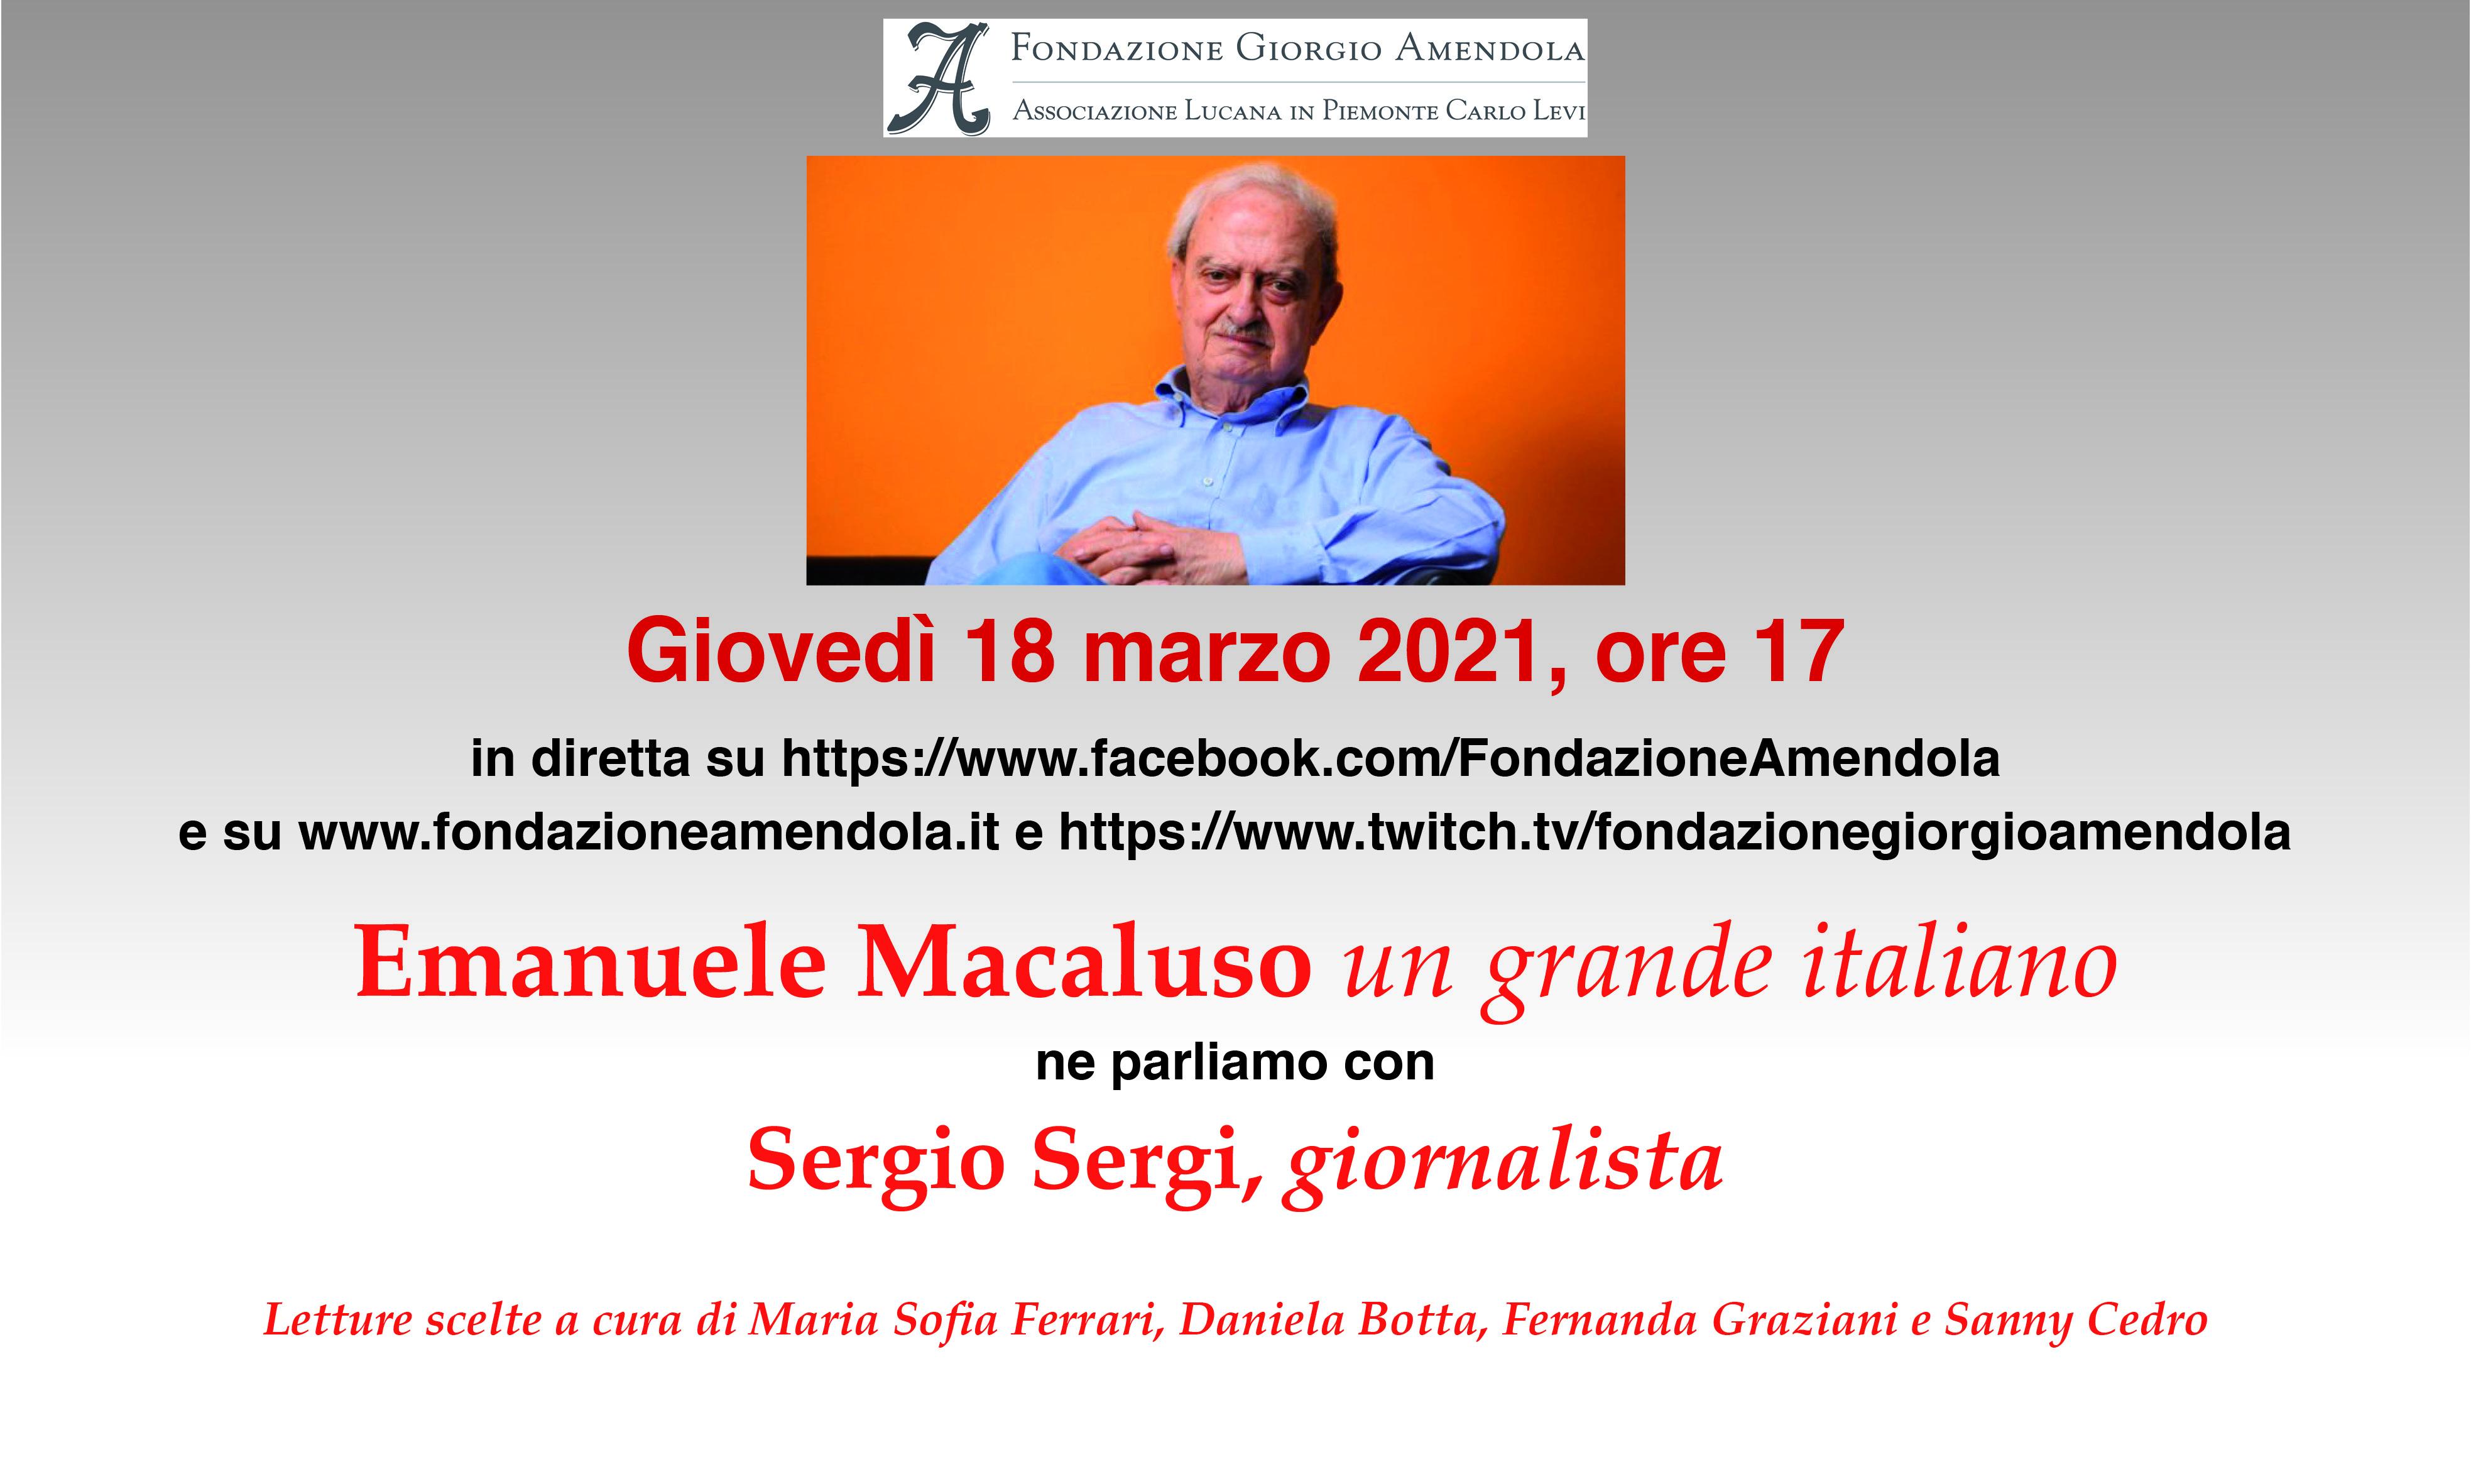 18 Marzo: Emanuele Macaluso Un Grande Italiano Ne Parliamo Con Sergio Sergi